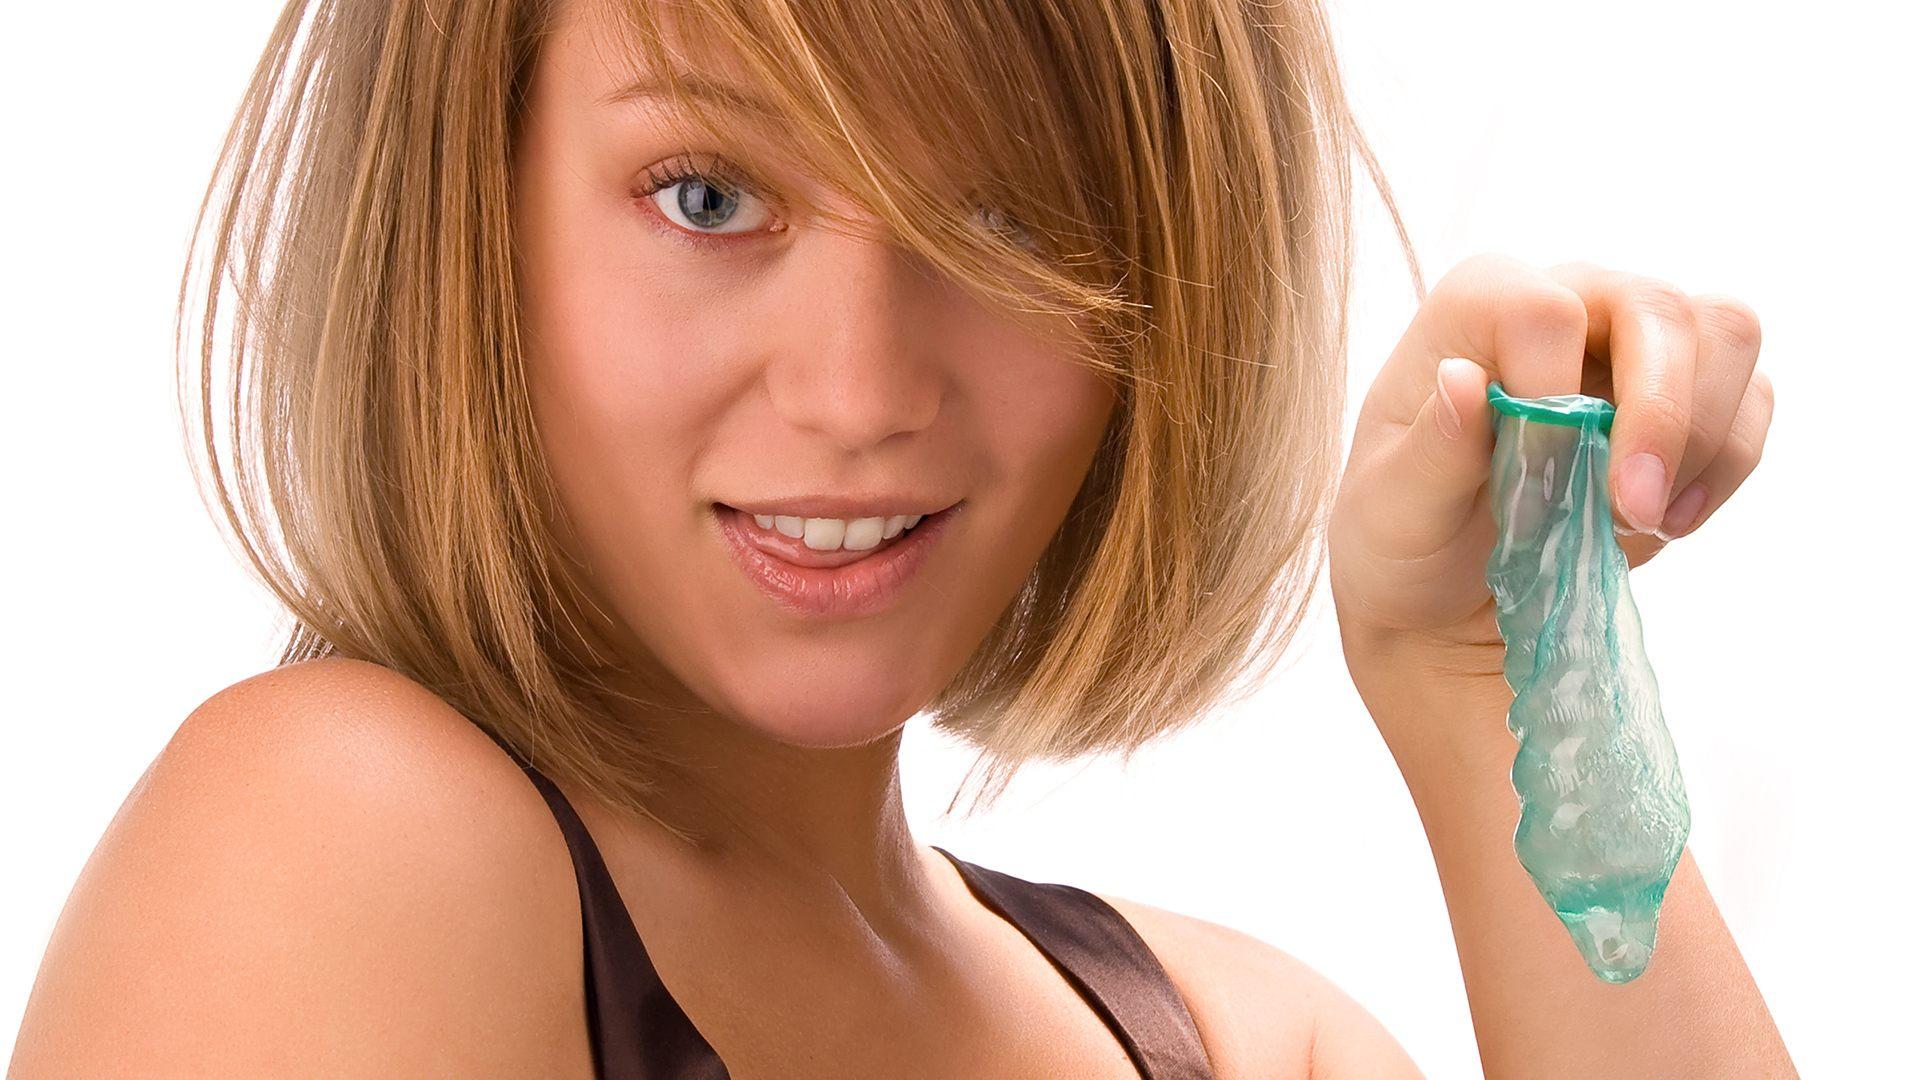 Чем вреден презерватив для женщин, Вредны ли для женщин презервативы или это лучший 15 фотография